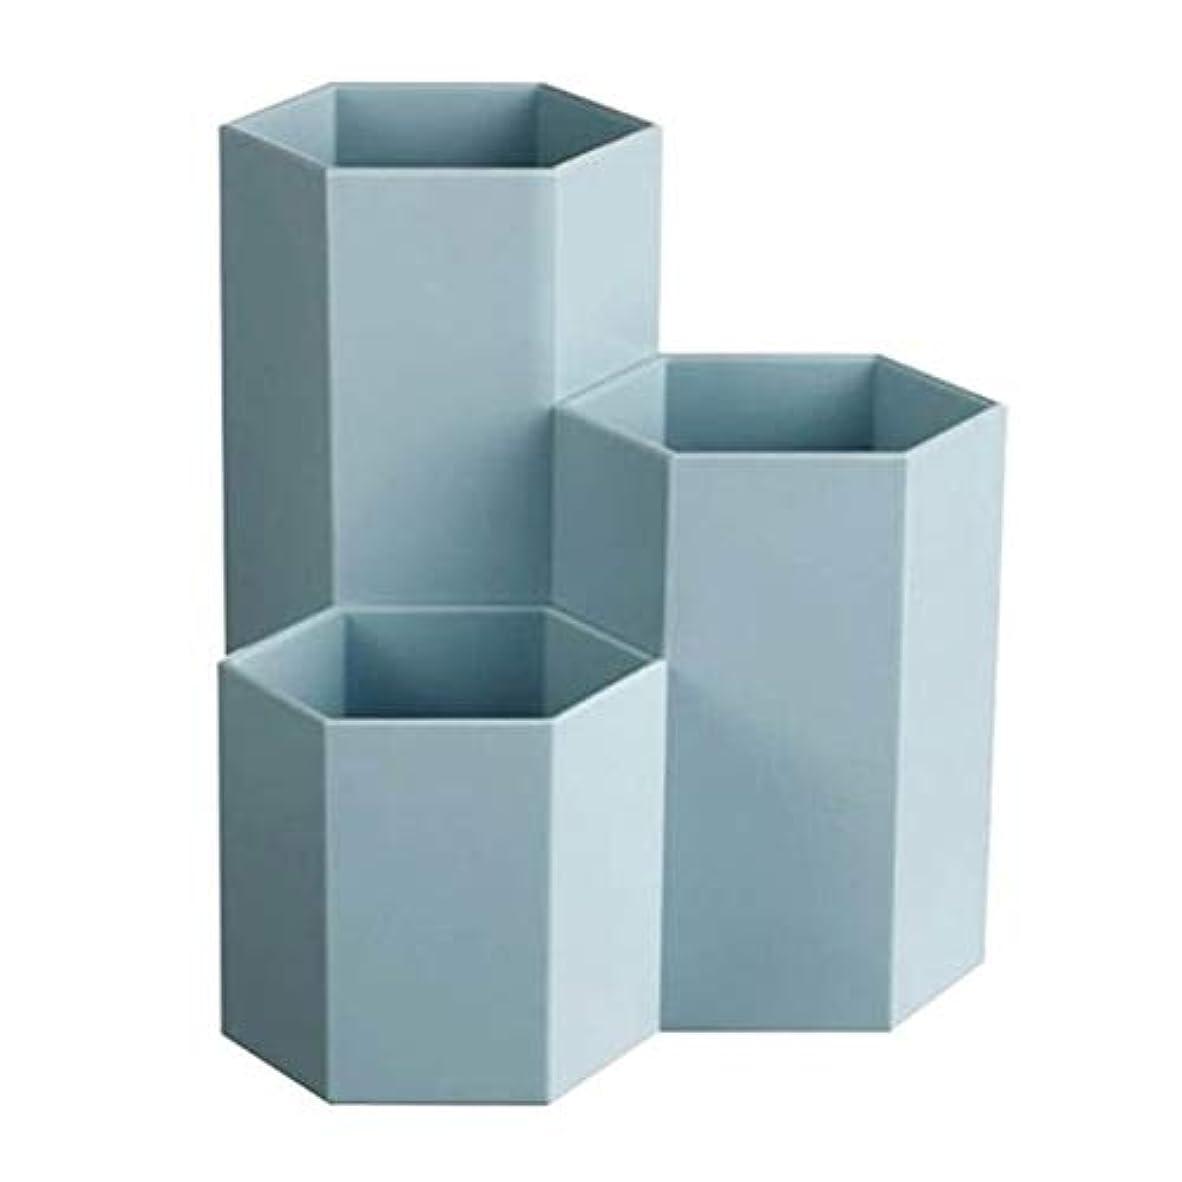 怪しい因子感度TerGOOSE 卓上収納ケース メイクブラシケース メイクブラシスタンド メイクブラシ収納ボックス メイクケース ペンホルダー 卓上文房具収納ボックス ペン立て 文房具 おしゃれ 六角 3つのグリッド 大容量 ブルー